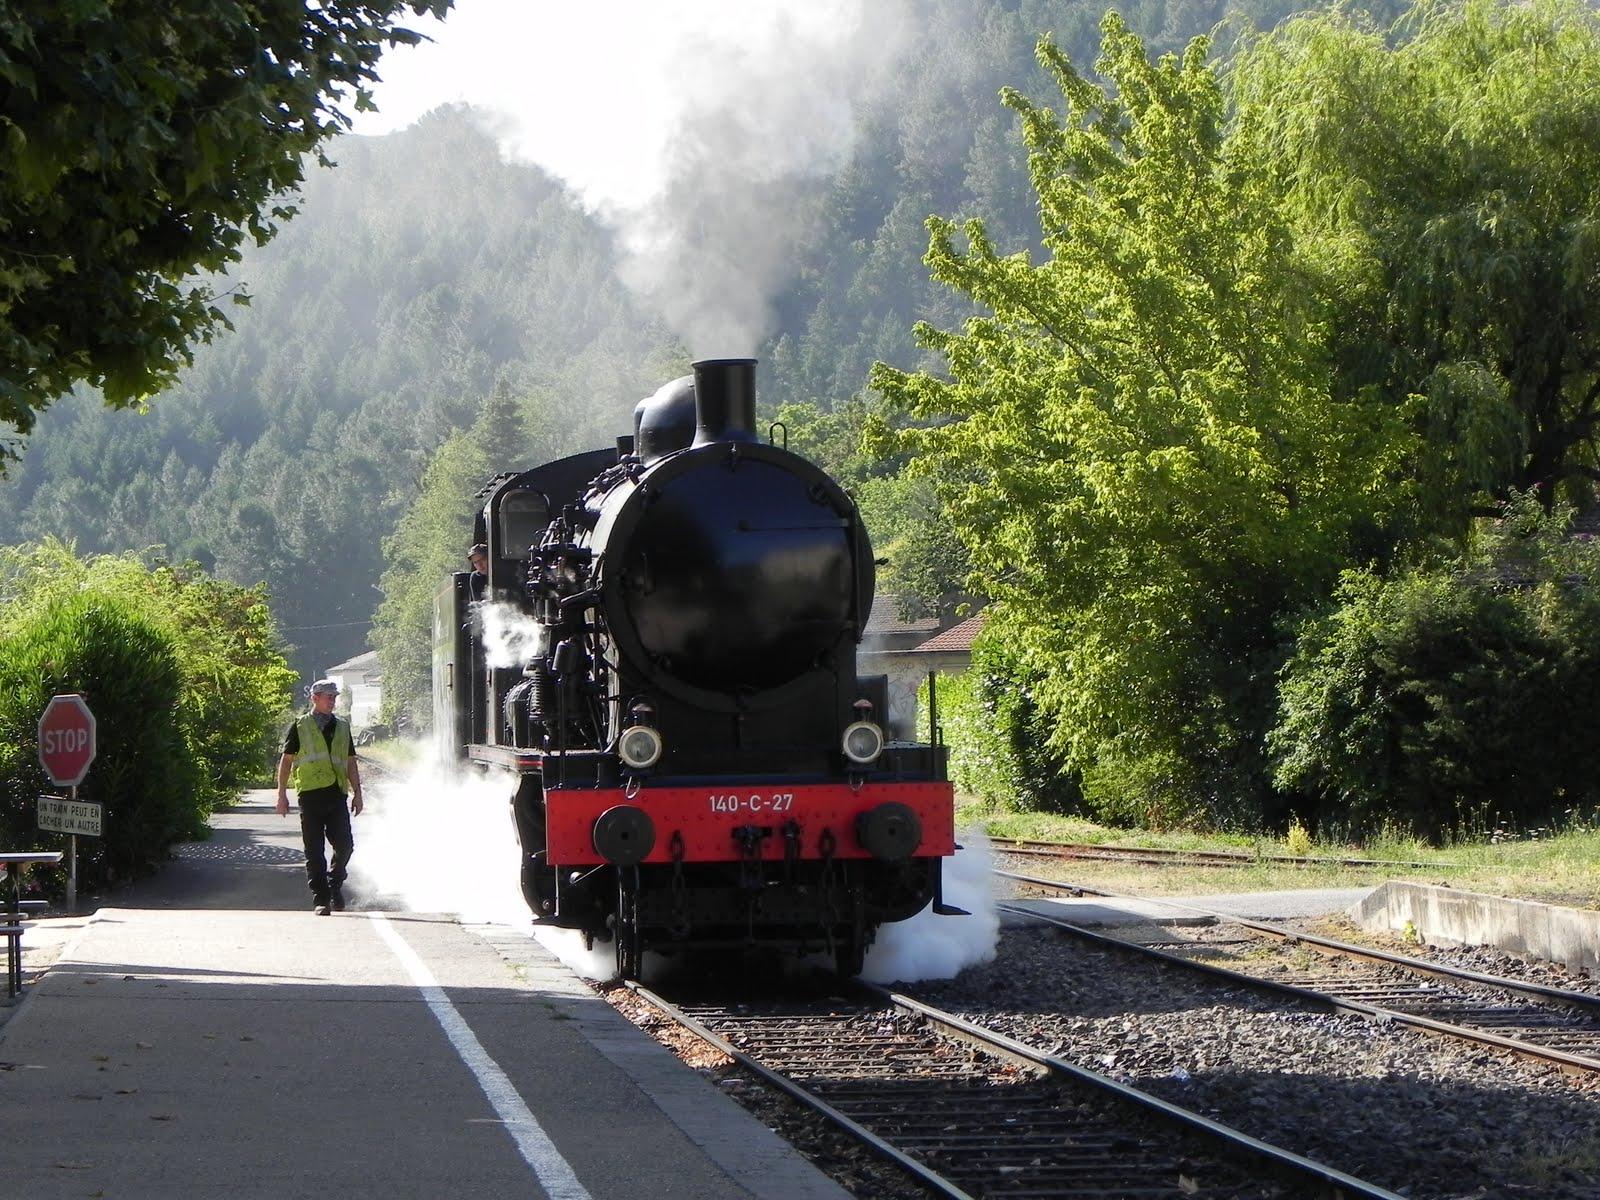 Tourisme en France : le retour du train à vapeur des Cévennes Anduze%2Btrain%2Bvapeur%2B%2B140%2BC%2B27%2B034